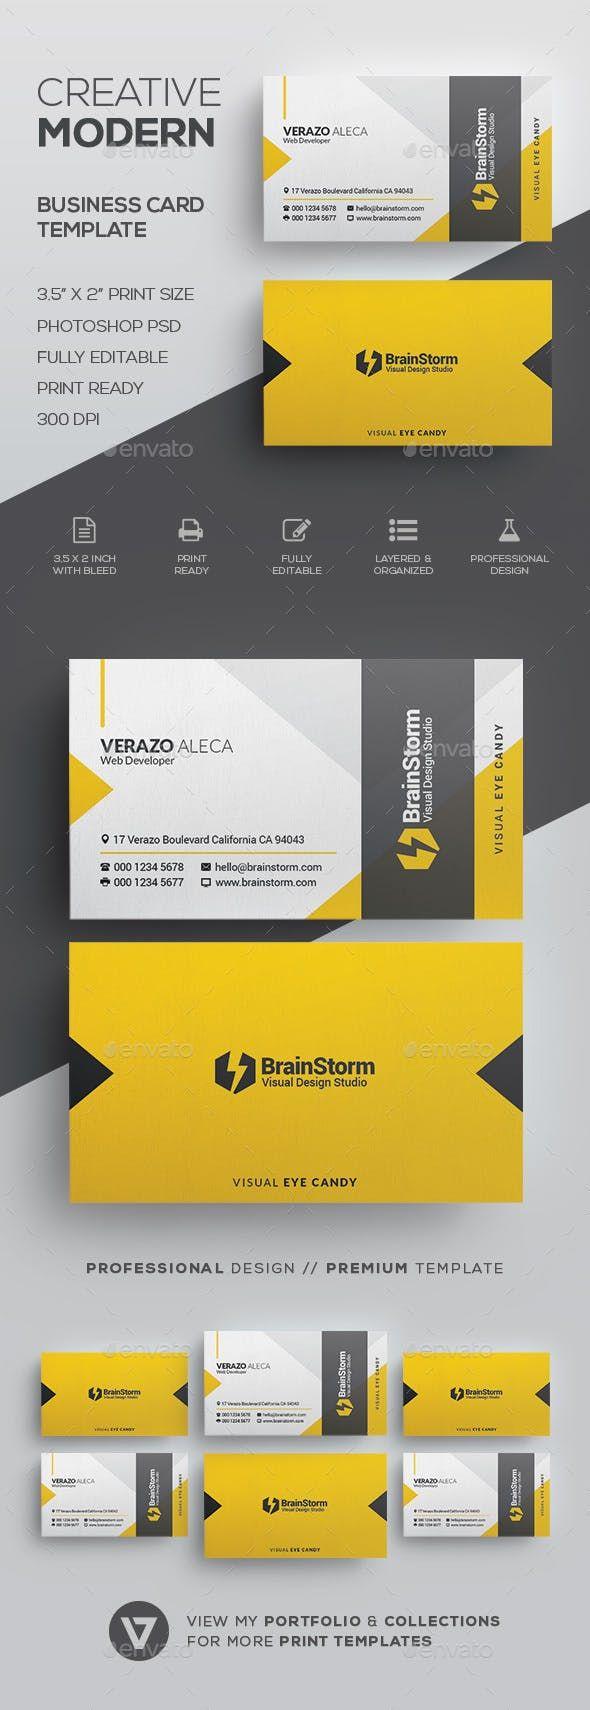 Creative Modern Business Card Template Modern Business Cards Business Card Template Design Business Card Design Creative